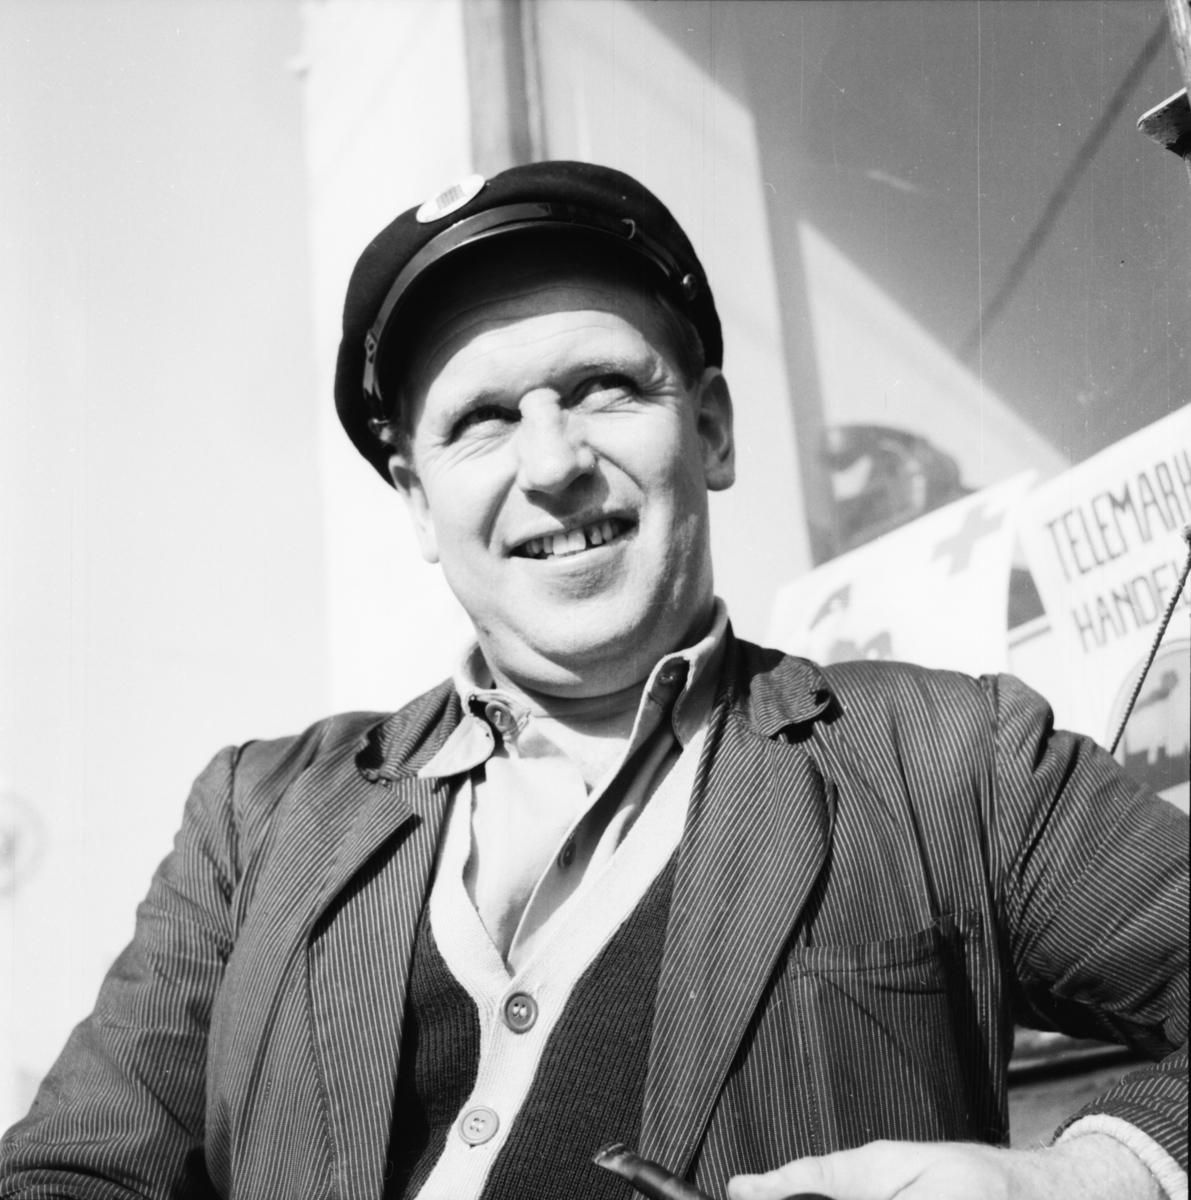 """Vardens arkiv. """"Rundspørring. Hvordan går det med """"Odd - Asker"""" søndag"""". 16.09.1953"""